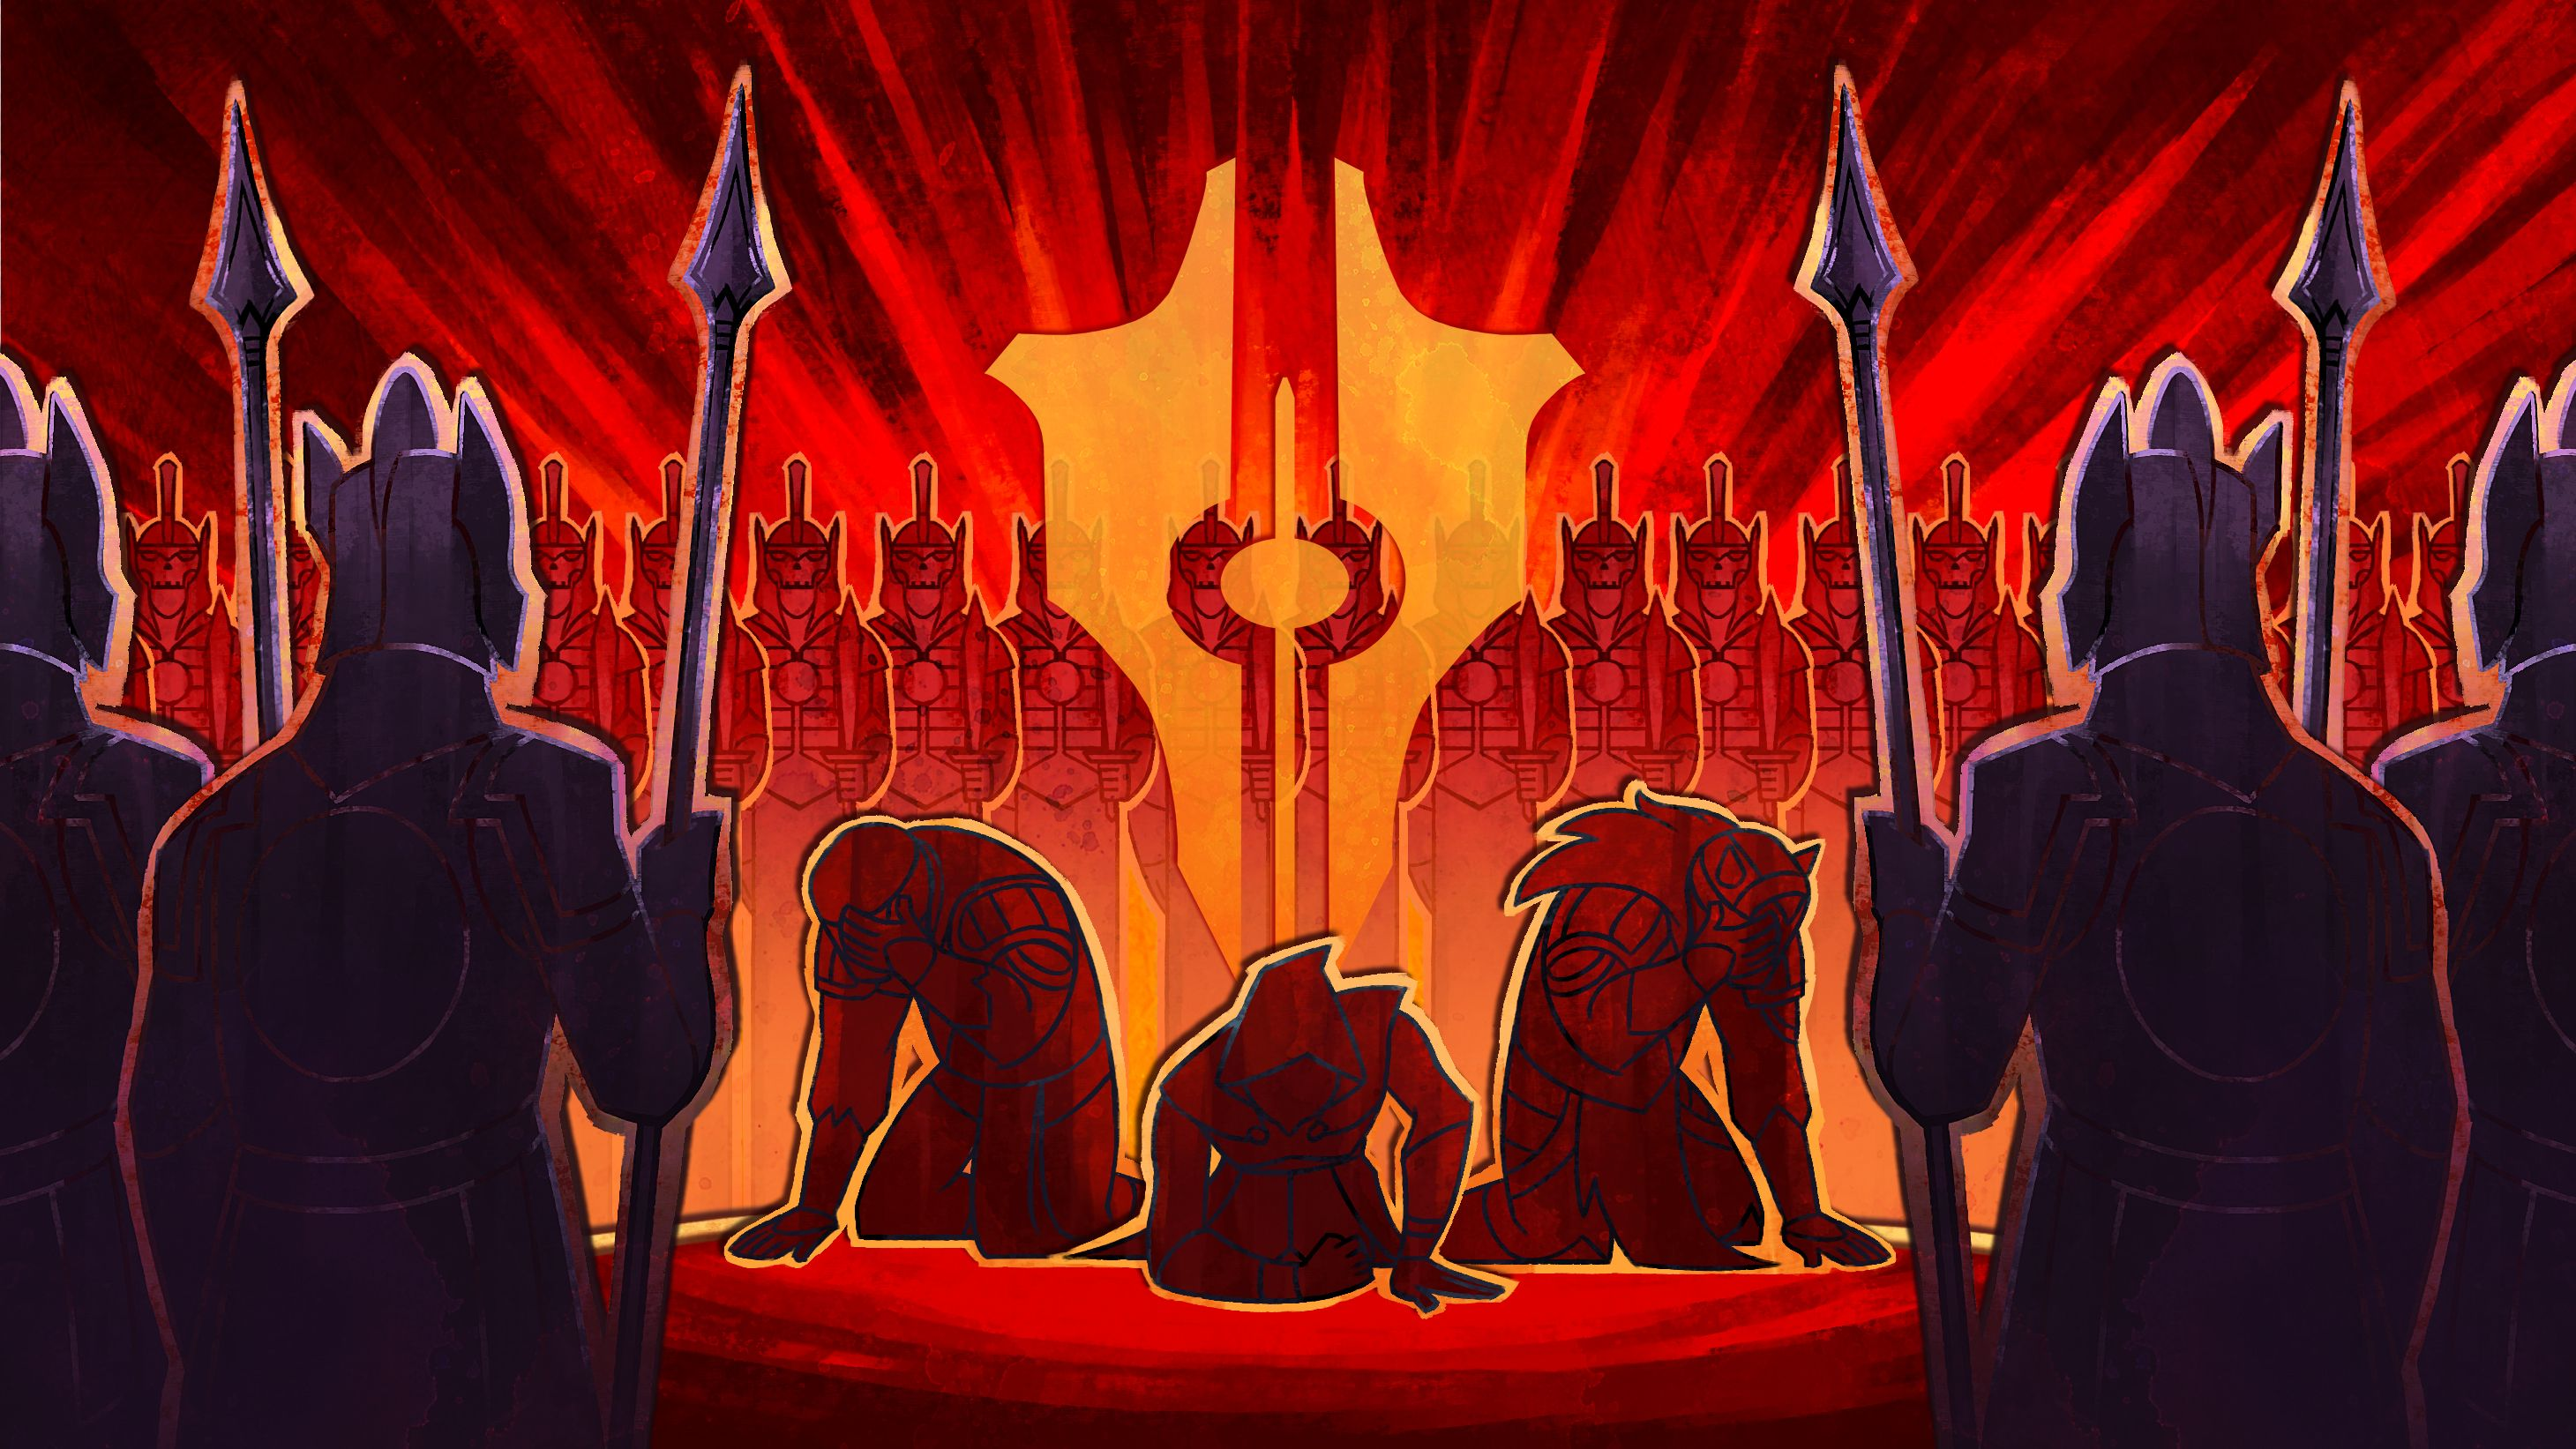 Una captura de pantalla de Tyranny que muestra a tres personas arrodilladas y luciendo subyugadas, mientras están rodeadas por un ejército de esqueletos amenazadores.